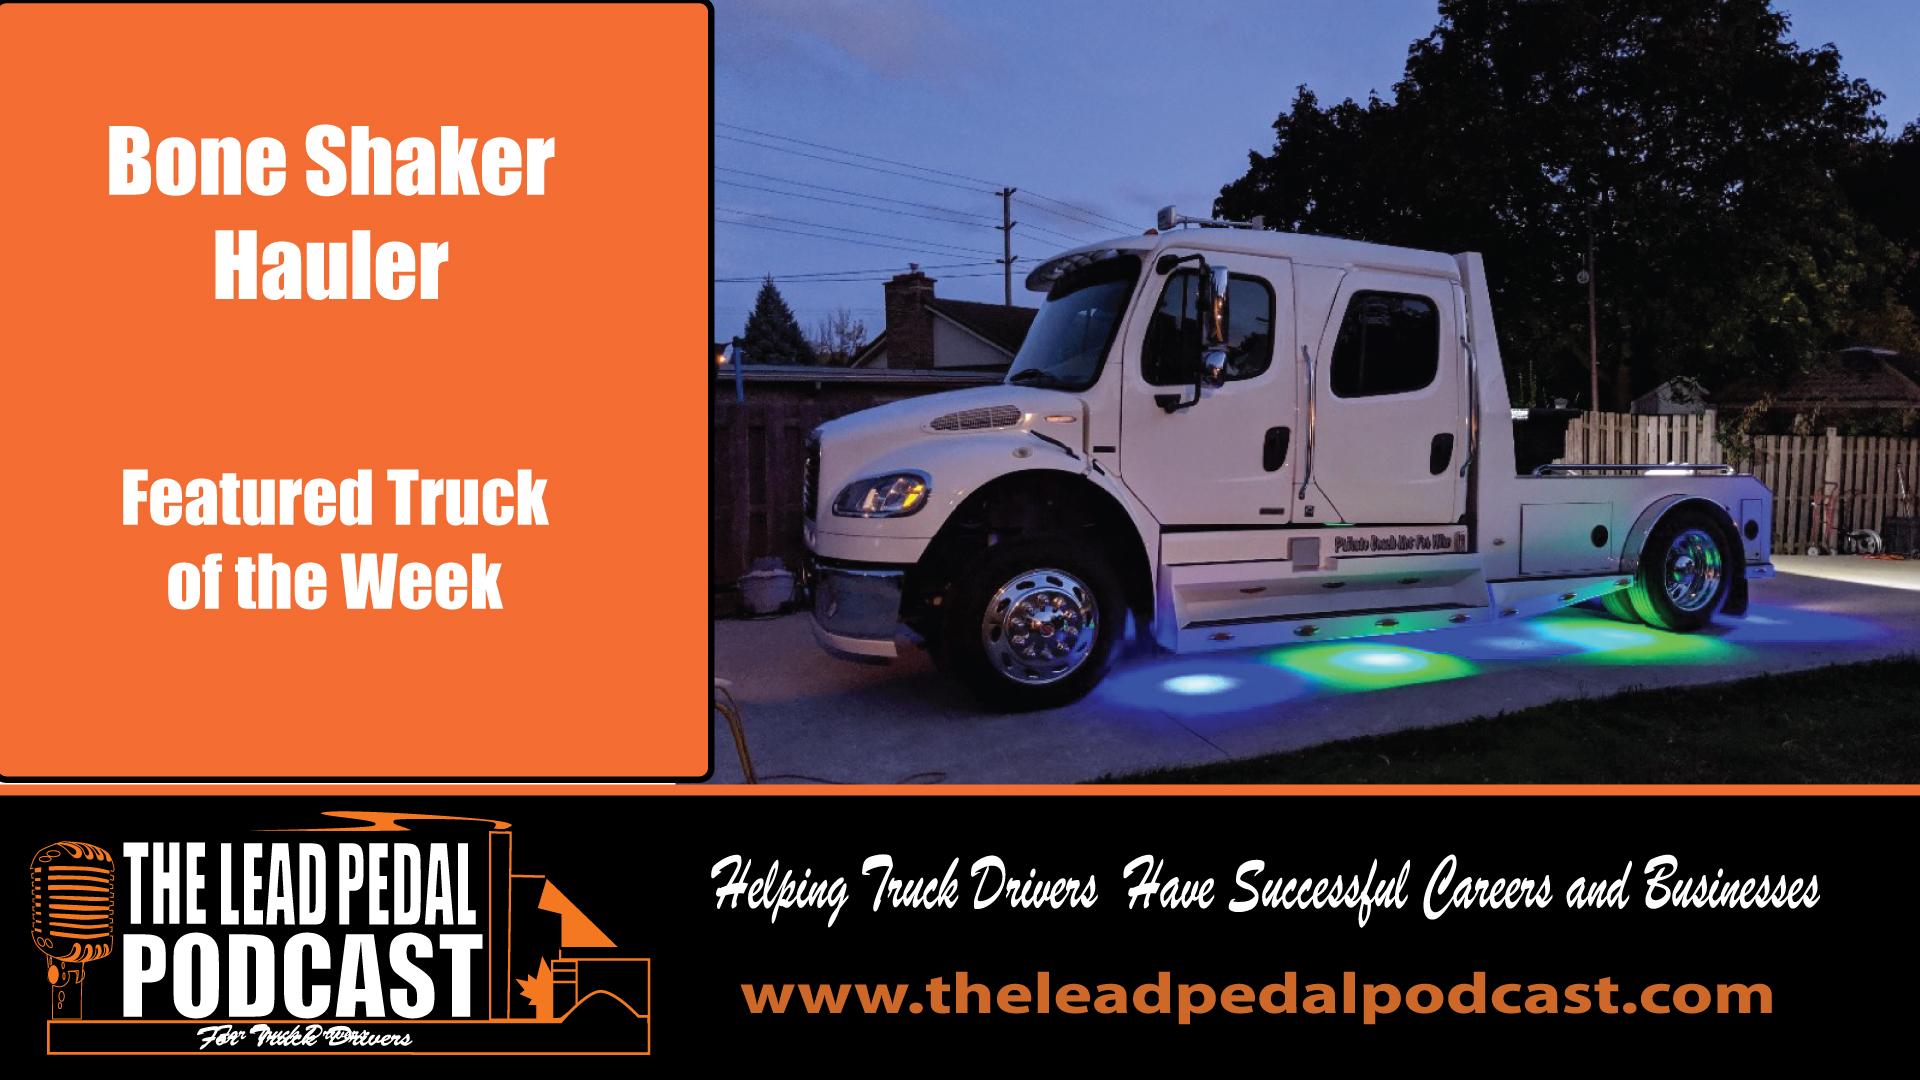 Bone Shaker Hauler- Featured Truck